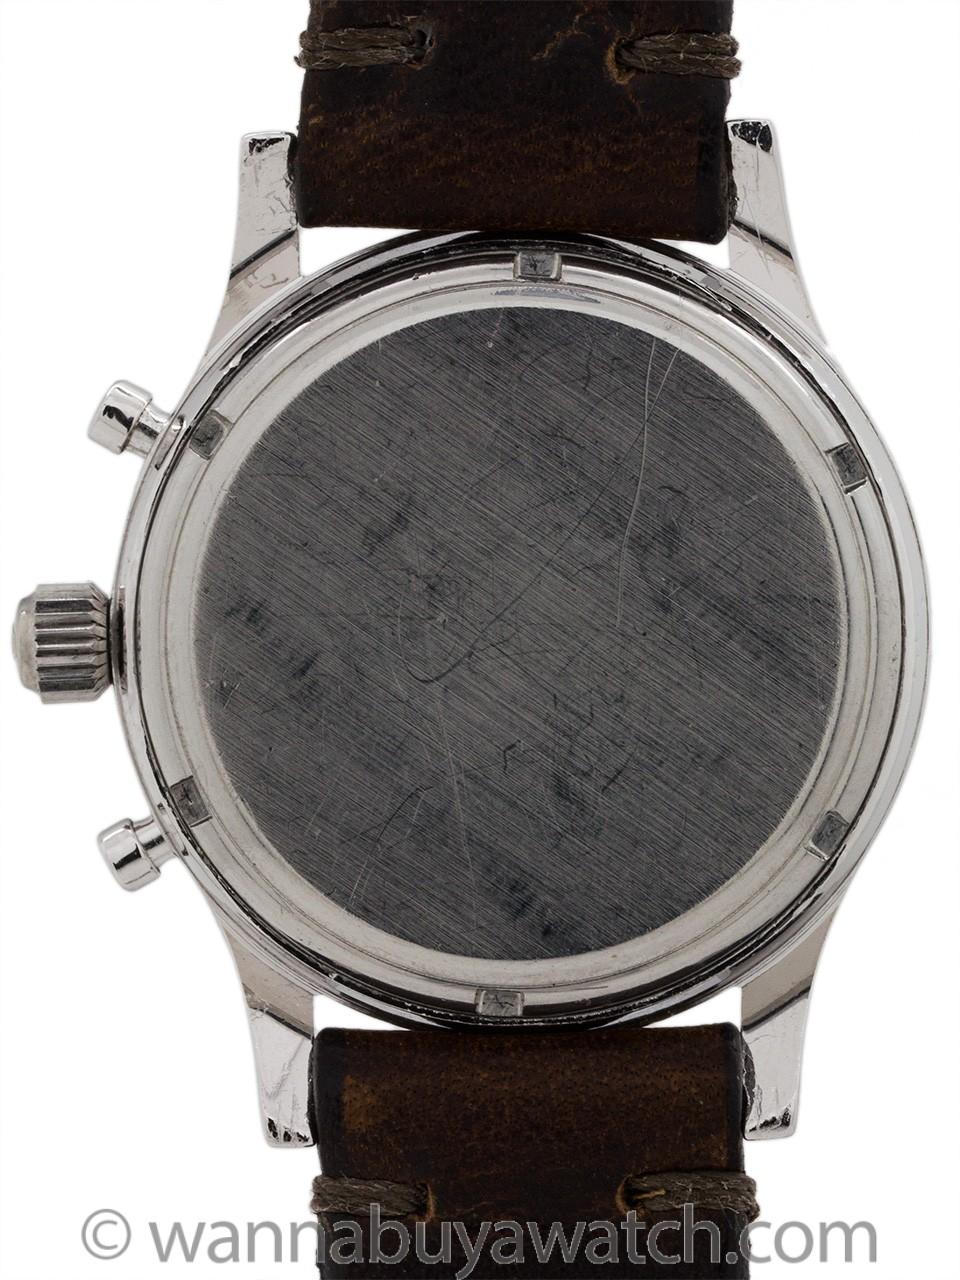 Heuer Pre Carrera Chronograph ref 3641S circa 1950's